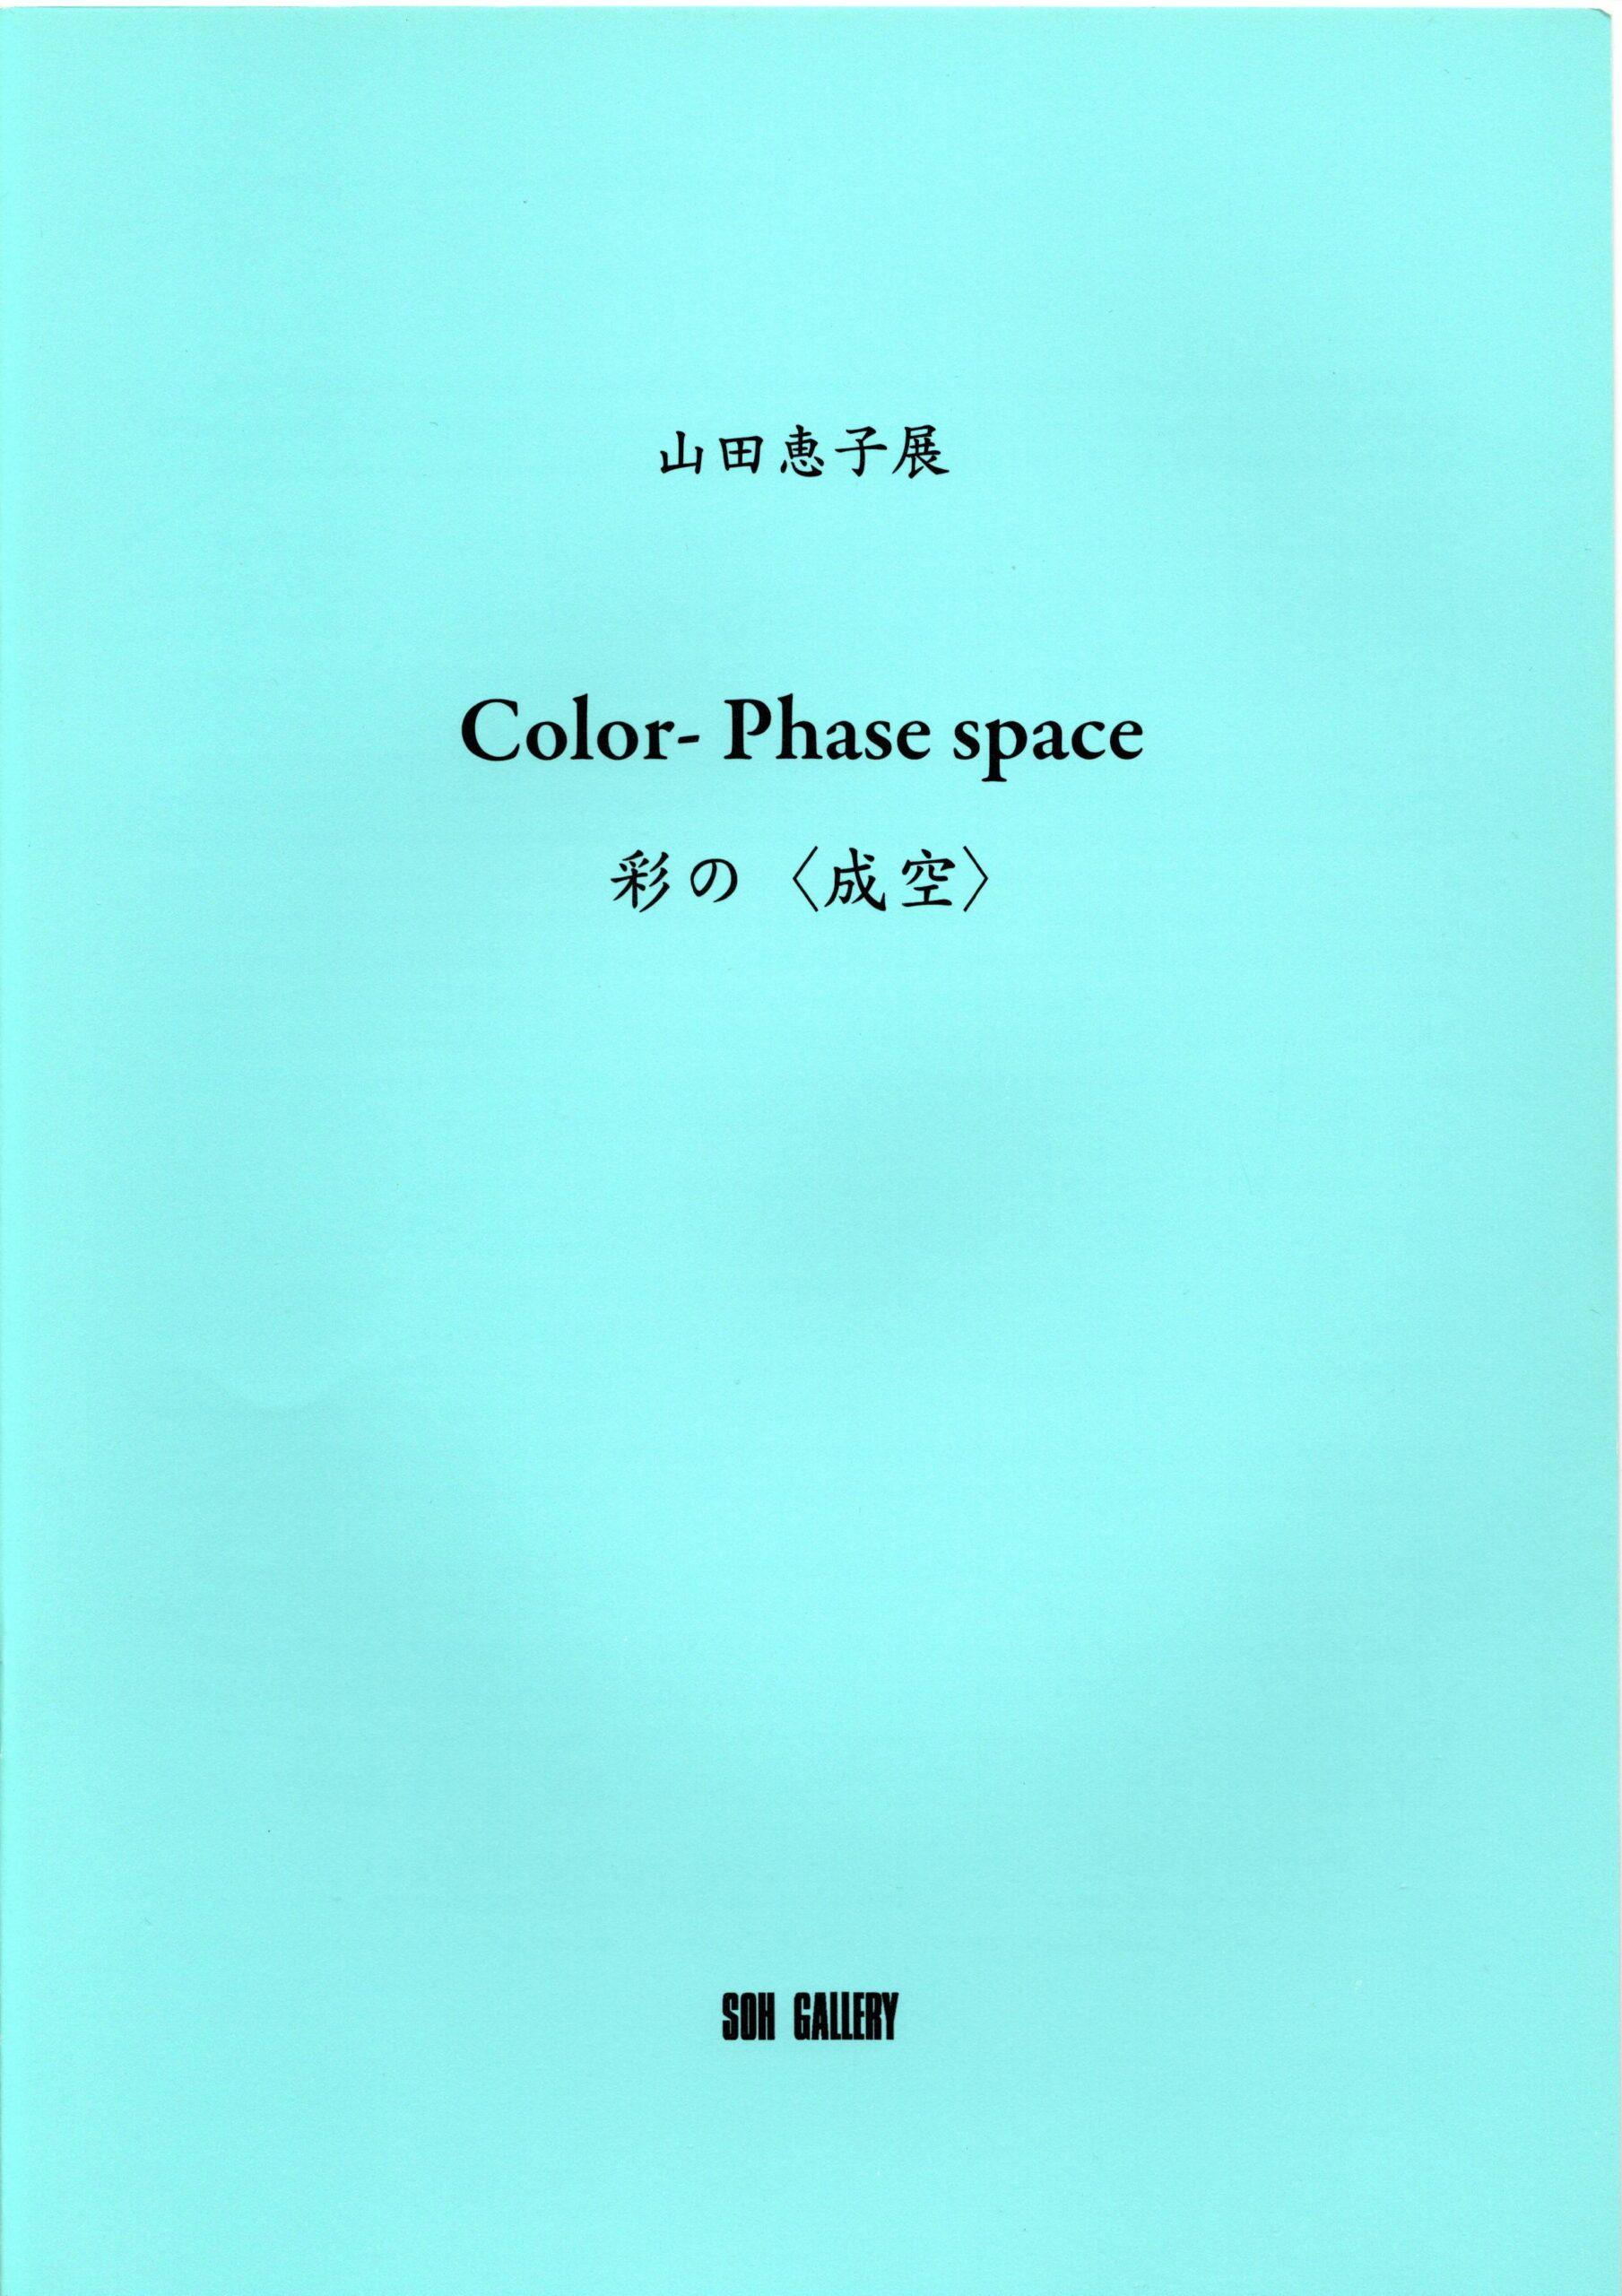 山田恵子展 「彩の〈成空〉」